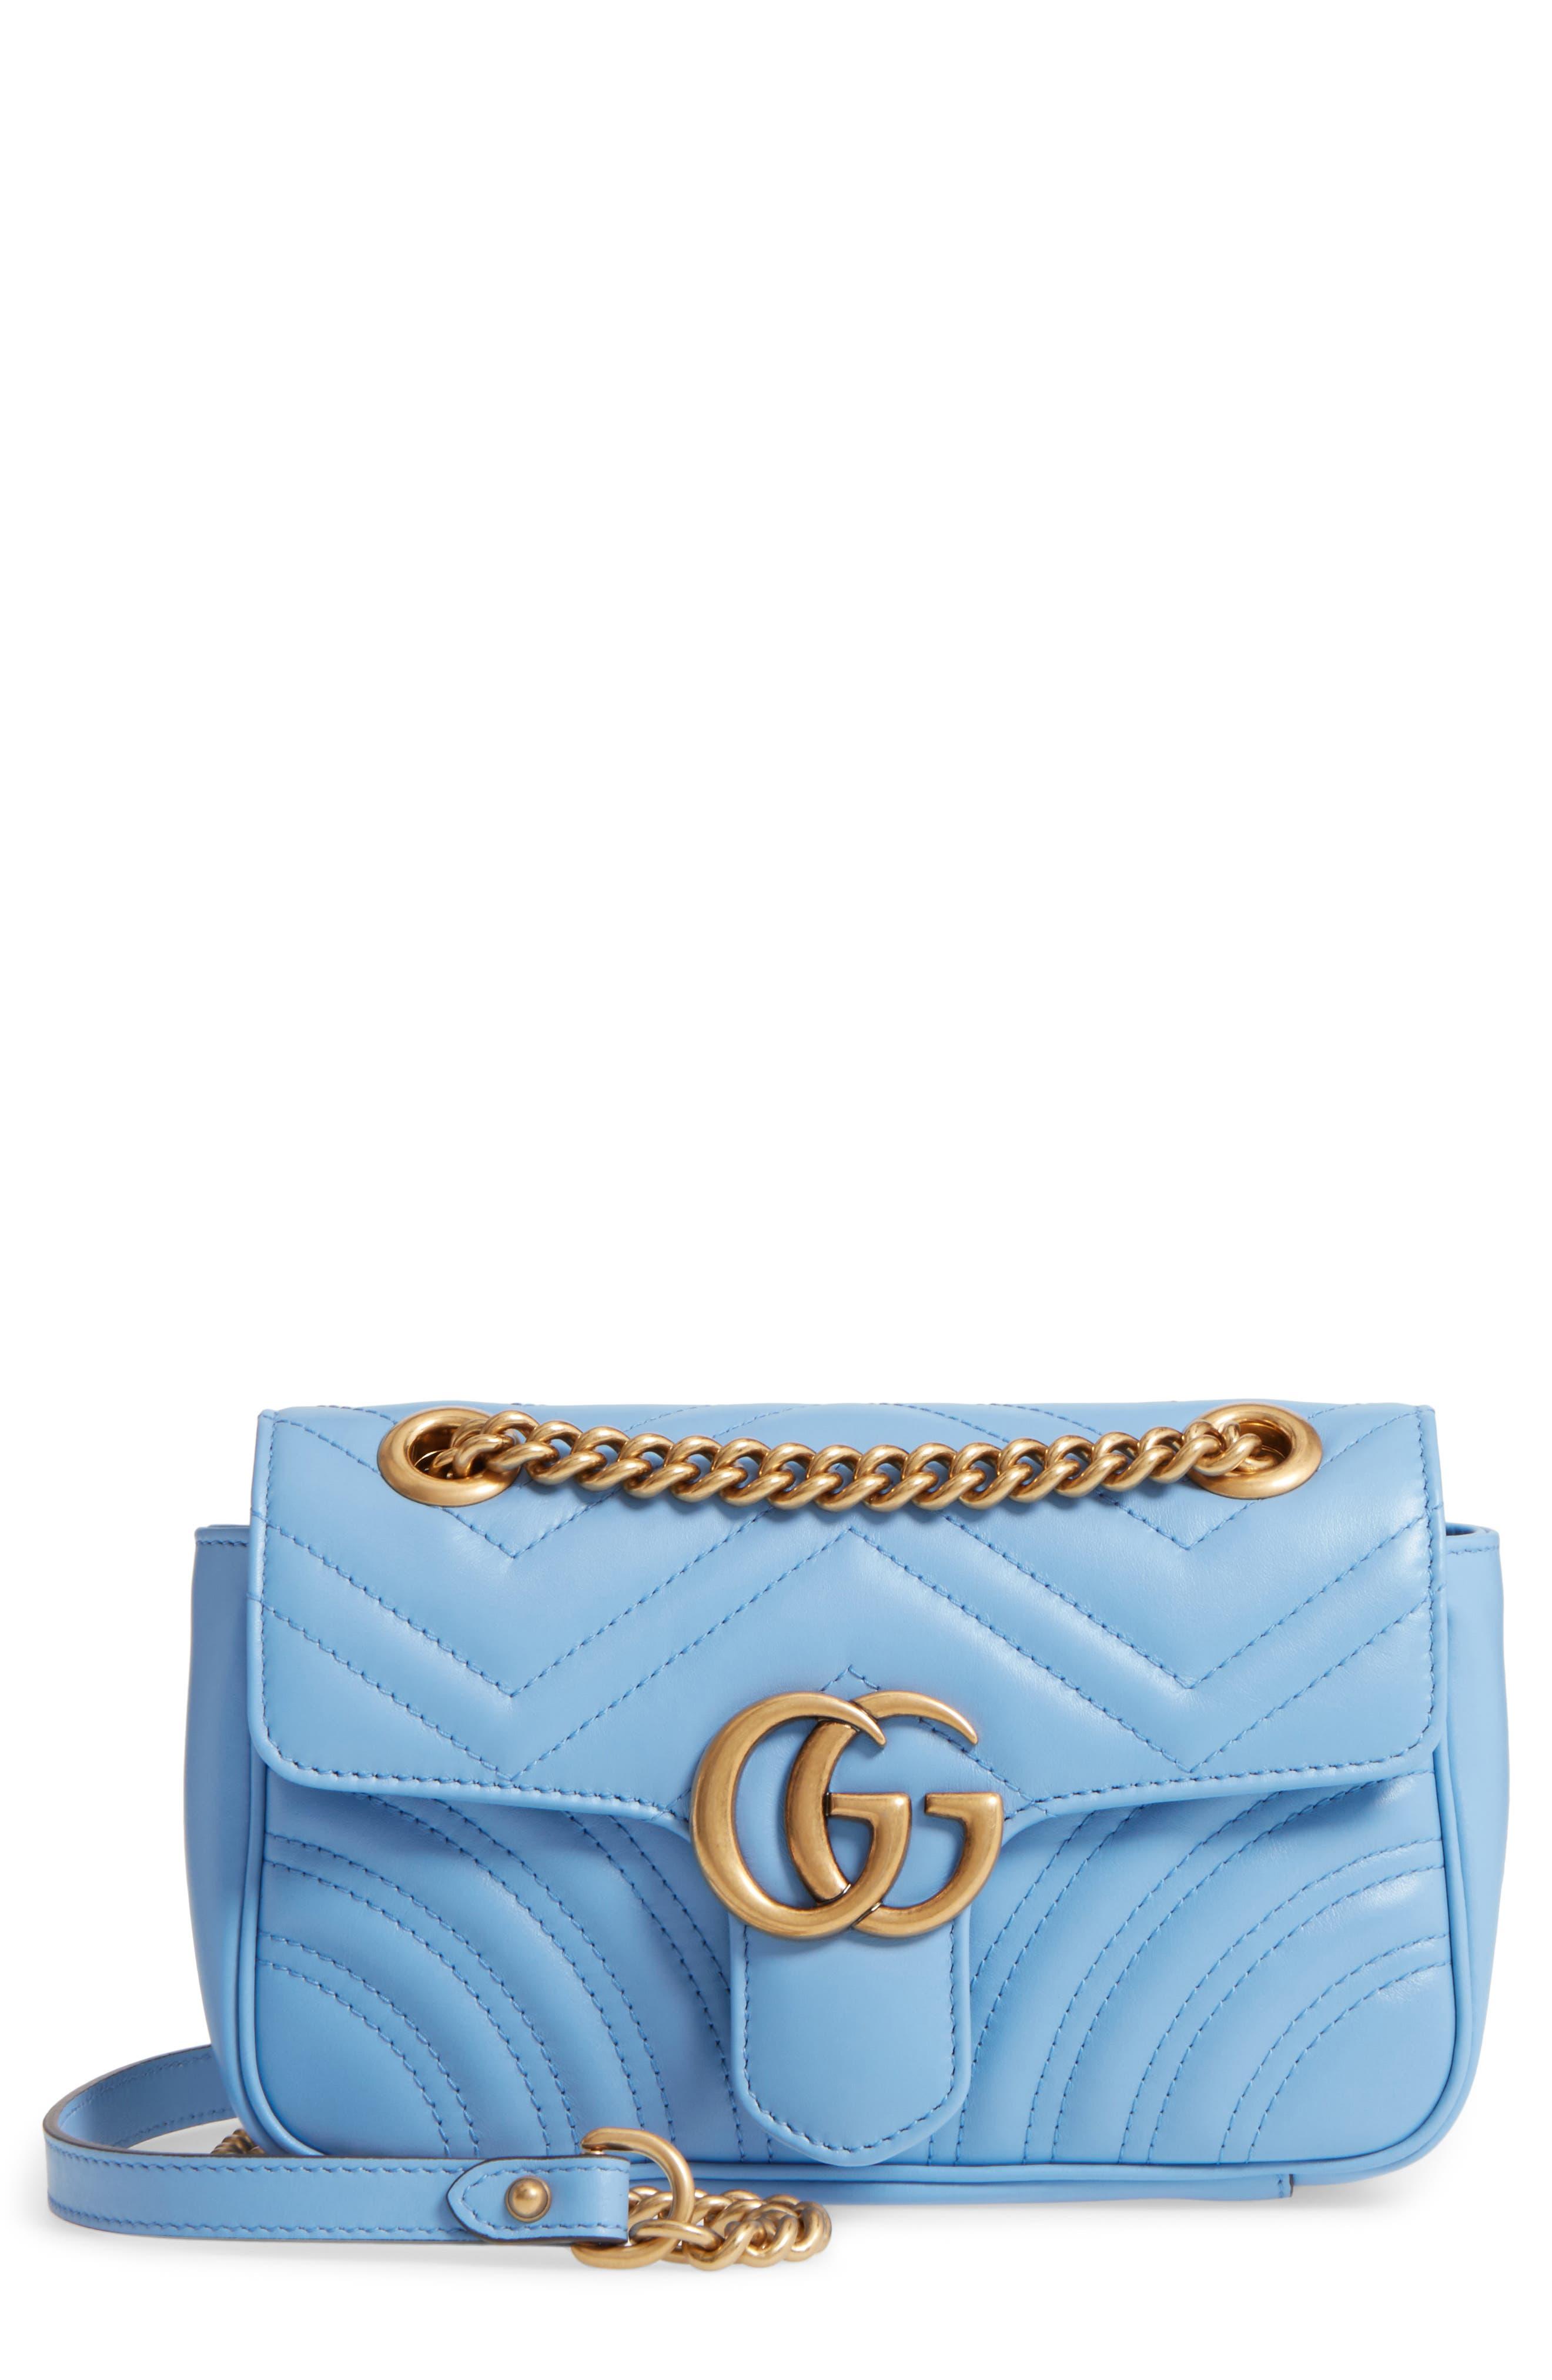 Mini GG Marmont 2.0 Matelassé Leather Shoulder Bag,                         Main,                         color, 452